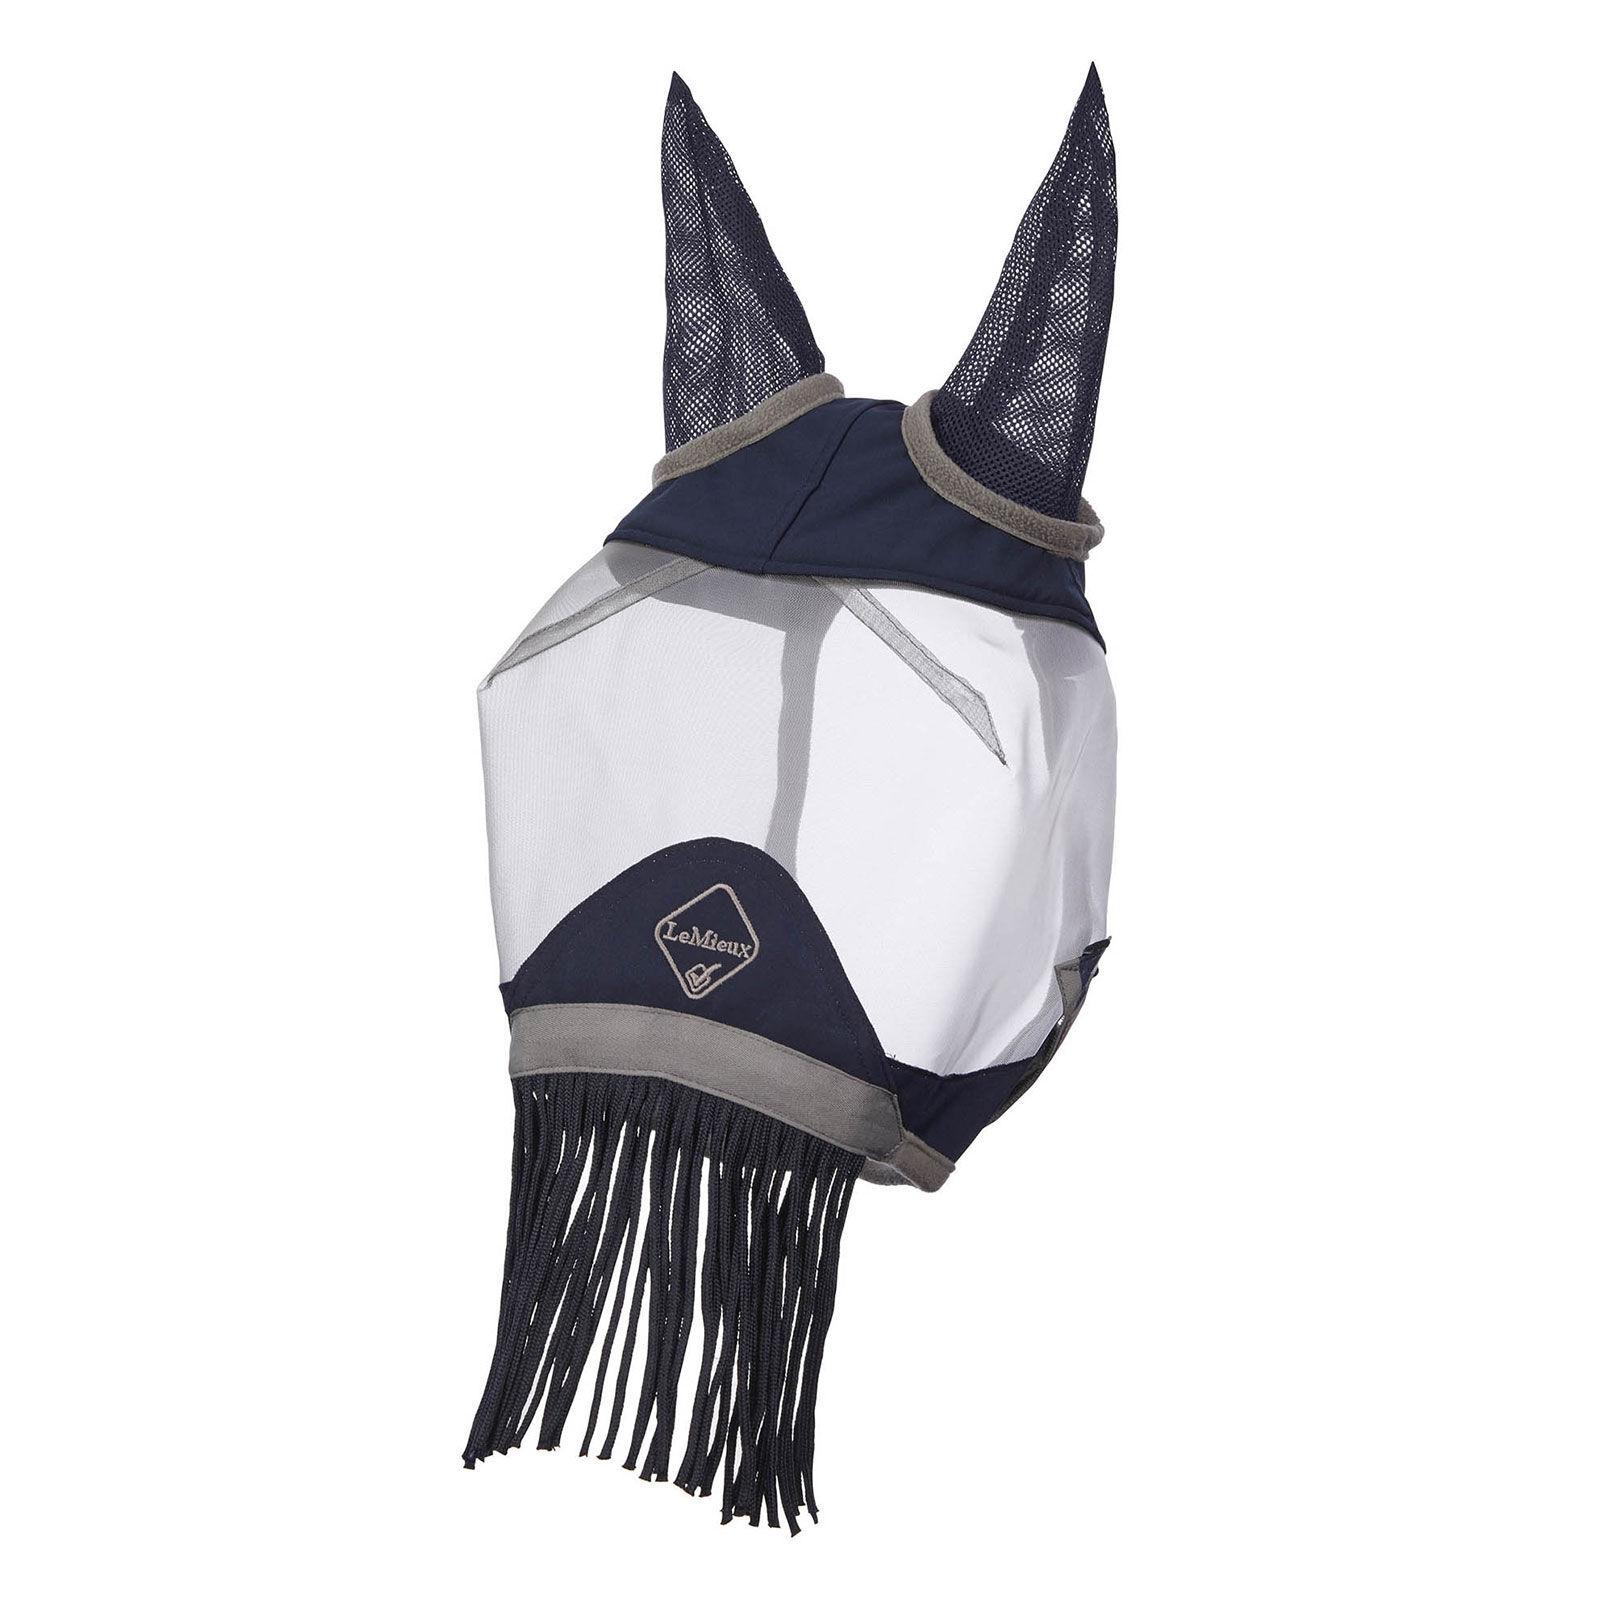 Lemieux Armour Shield FLY PROTECTEUR Masque